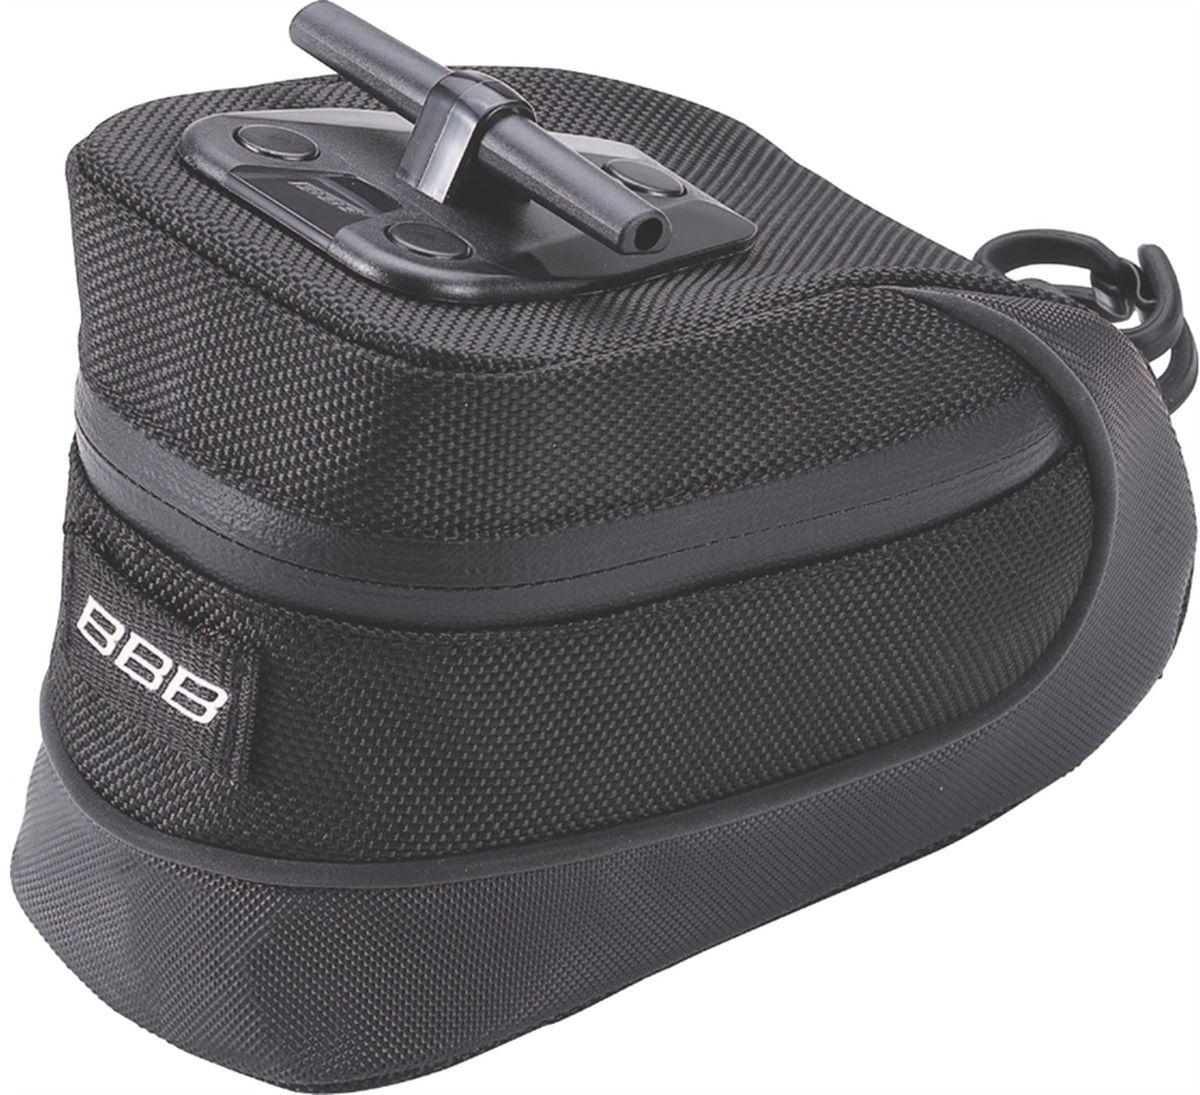 Велосумка под седло BBB StorePack, цвет: черный. Размер MBSB-12MСамая технологичная подседельная сумка в линейке - применяются лучшие материалы и новейшие технологии. Синяя подкладка для лучшей видимости содержимого. Эластичный ремешок и карман для простоты организации содержимого вашей сумочки. Водонепроницаемая молния с фиксатором для дополнительной безопасности и абсолютно бесшумная при езде. Крепление для заднего габарита-LED фонарика. Черная светоотражающая полоска для лучшей видимости. Т-образная система крепления для быстрой установки и снятия. Резиновый ремешок крепления к подседельному штырю для надёжной фиксации сумочки и во избежание повреждений лайкровых шорт и подседельного штыря. Размеры: M (640см3)